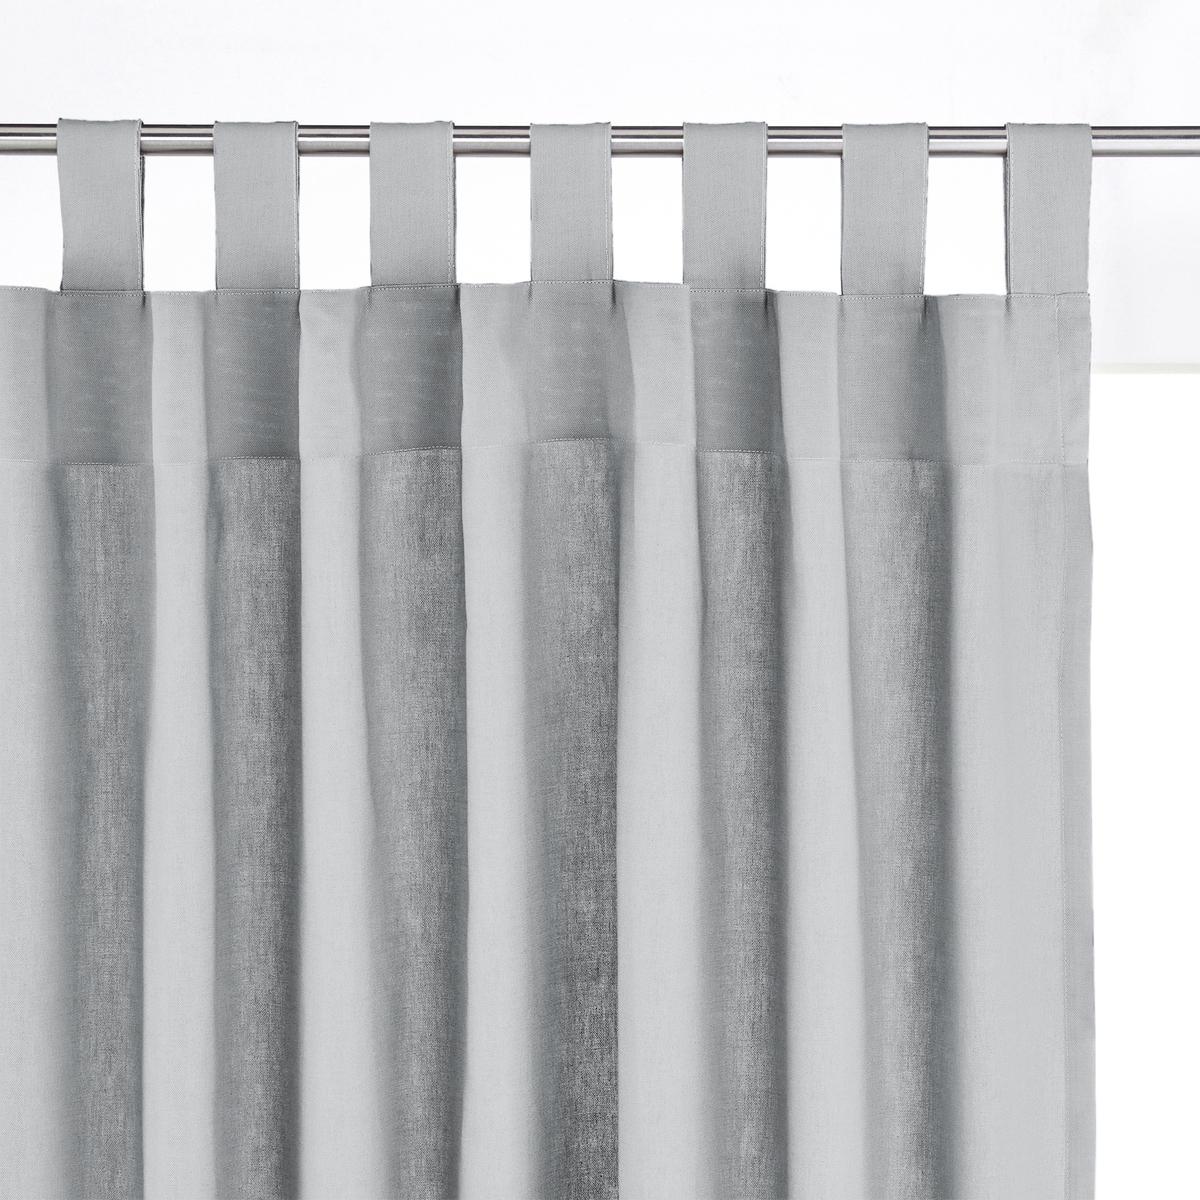 Штора 100% хлопка с клапанамиШтора 100% хлопка сочетается с коллекцией декора SCENARIO  . Штора из красивой и очеь прочной ткани 100% хлопка (220г/м?) \. Отделка клапанами (высота указана с учетом клапанов), готова к установке . Низ прошит перекидным швом ( в комплекте термоклейкая лента для создания подрубленного края)   .  Машинная стирка при 40 °С. Устойчивость окраски к стирке и воздействию света.                                      Сертификат Oeko-Tex® дает гарантию того, что товары изготовлены без применения химических средств и не представляют опасности для здоровья человека.<br><br>Цвет: бледно-зеленый,вишневый,серо-коричневый,серый жемчужный